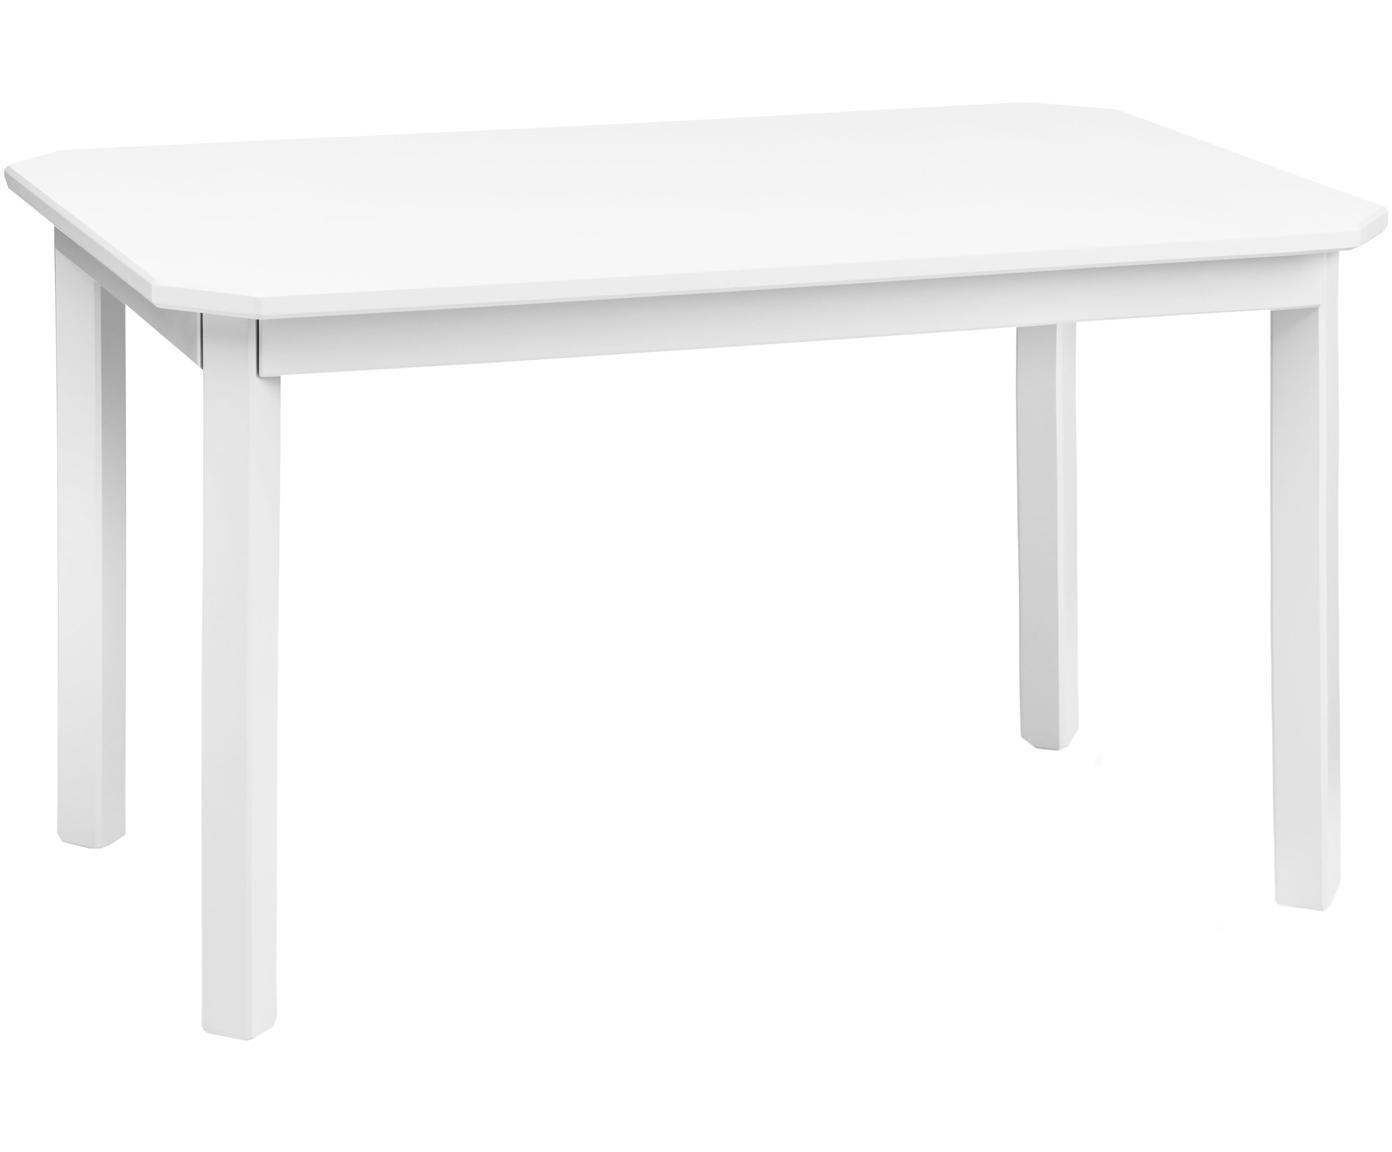 Tavolino per bambini Harlequin, Legno di betulla, pannello di fibra a media densità (MDF) verniciato, Bianco, Larg. 79 x Alt. 47 cm